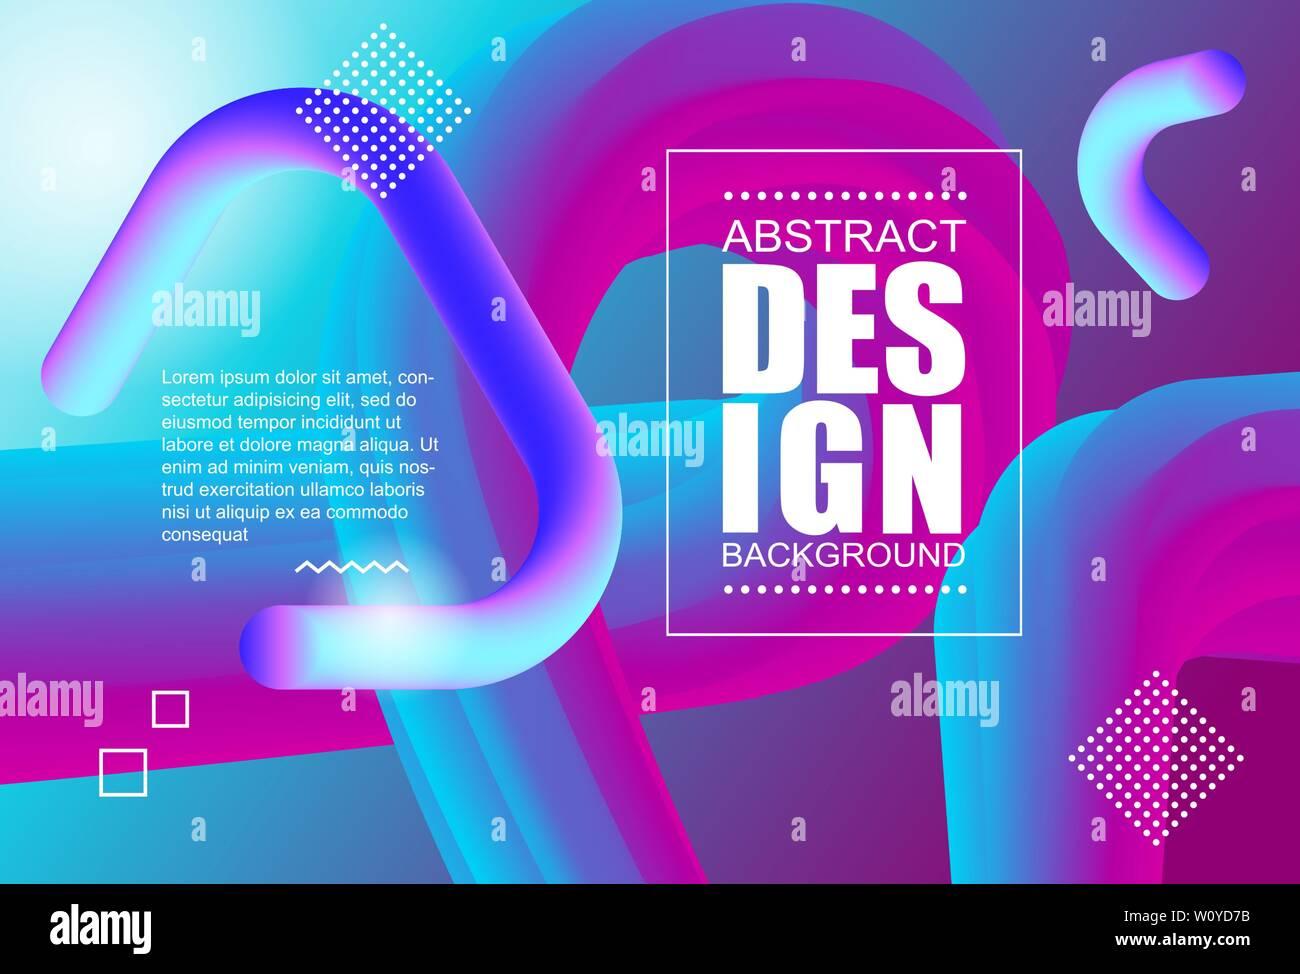 Resumen de diseño moderno forma flujo 3d. Onda líquida fondos de póster, presentación y Banner web Imagen De Stock